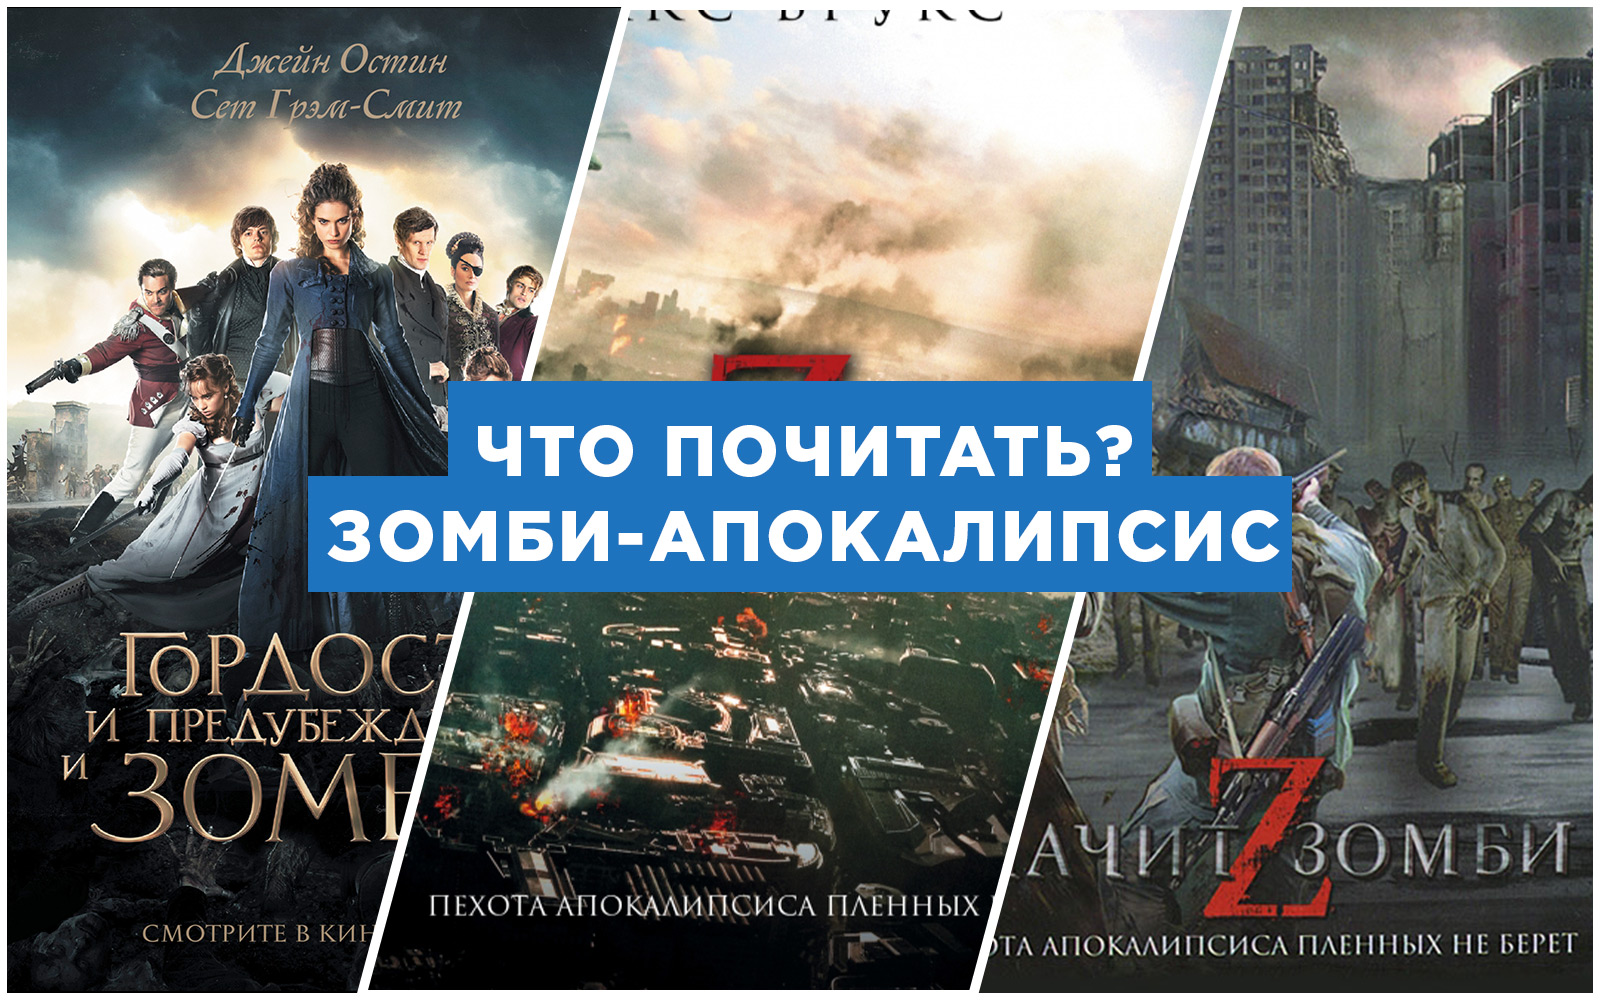 фильмы про зомби апокалипсис список лучших 2015 2016